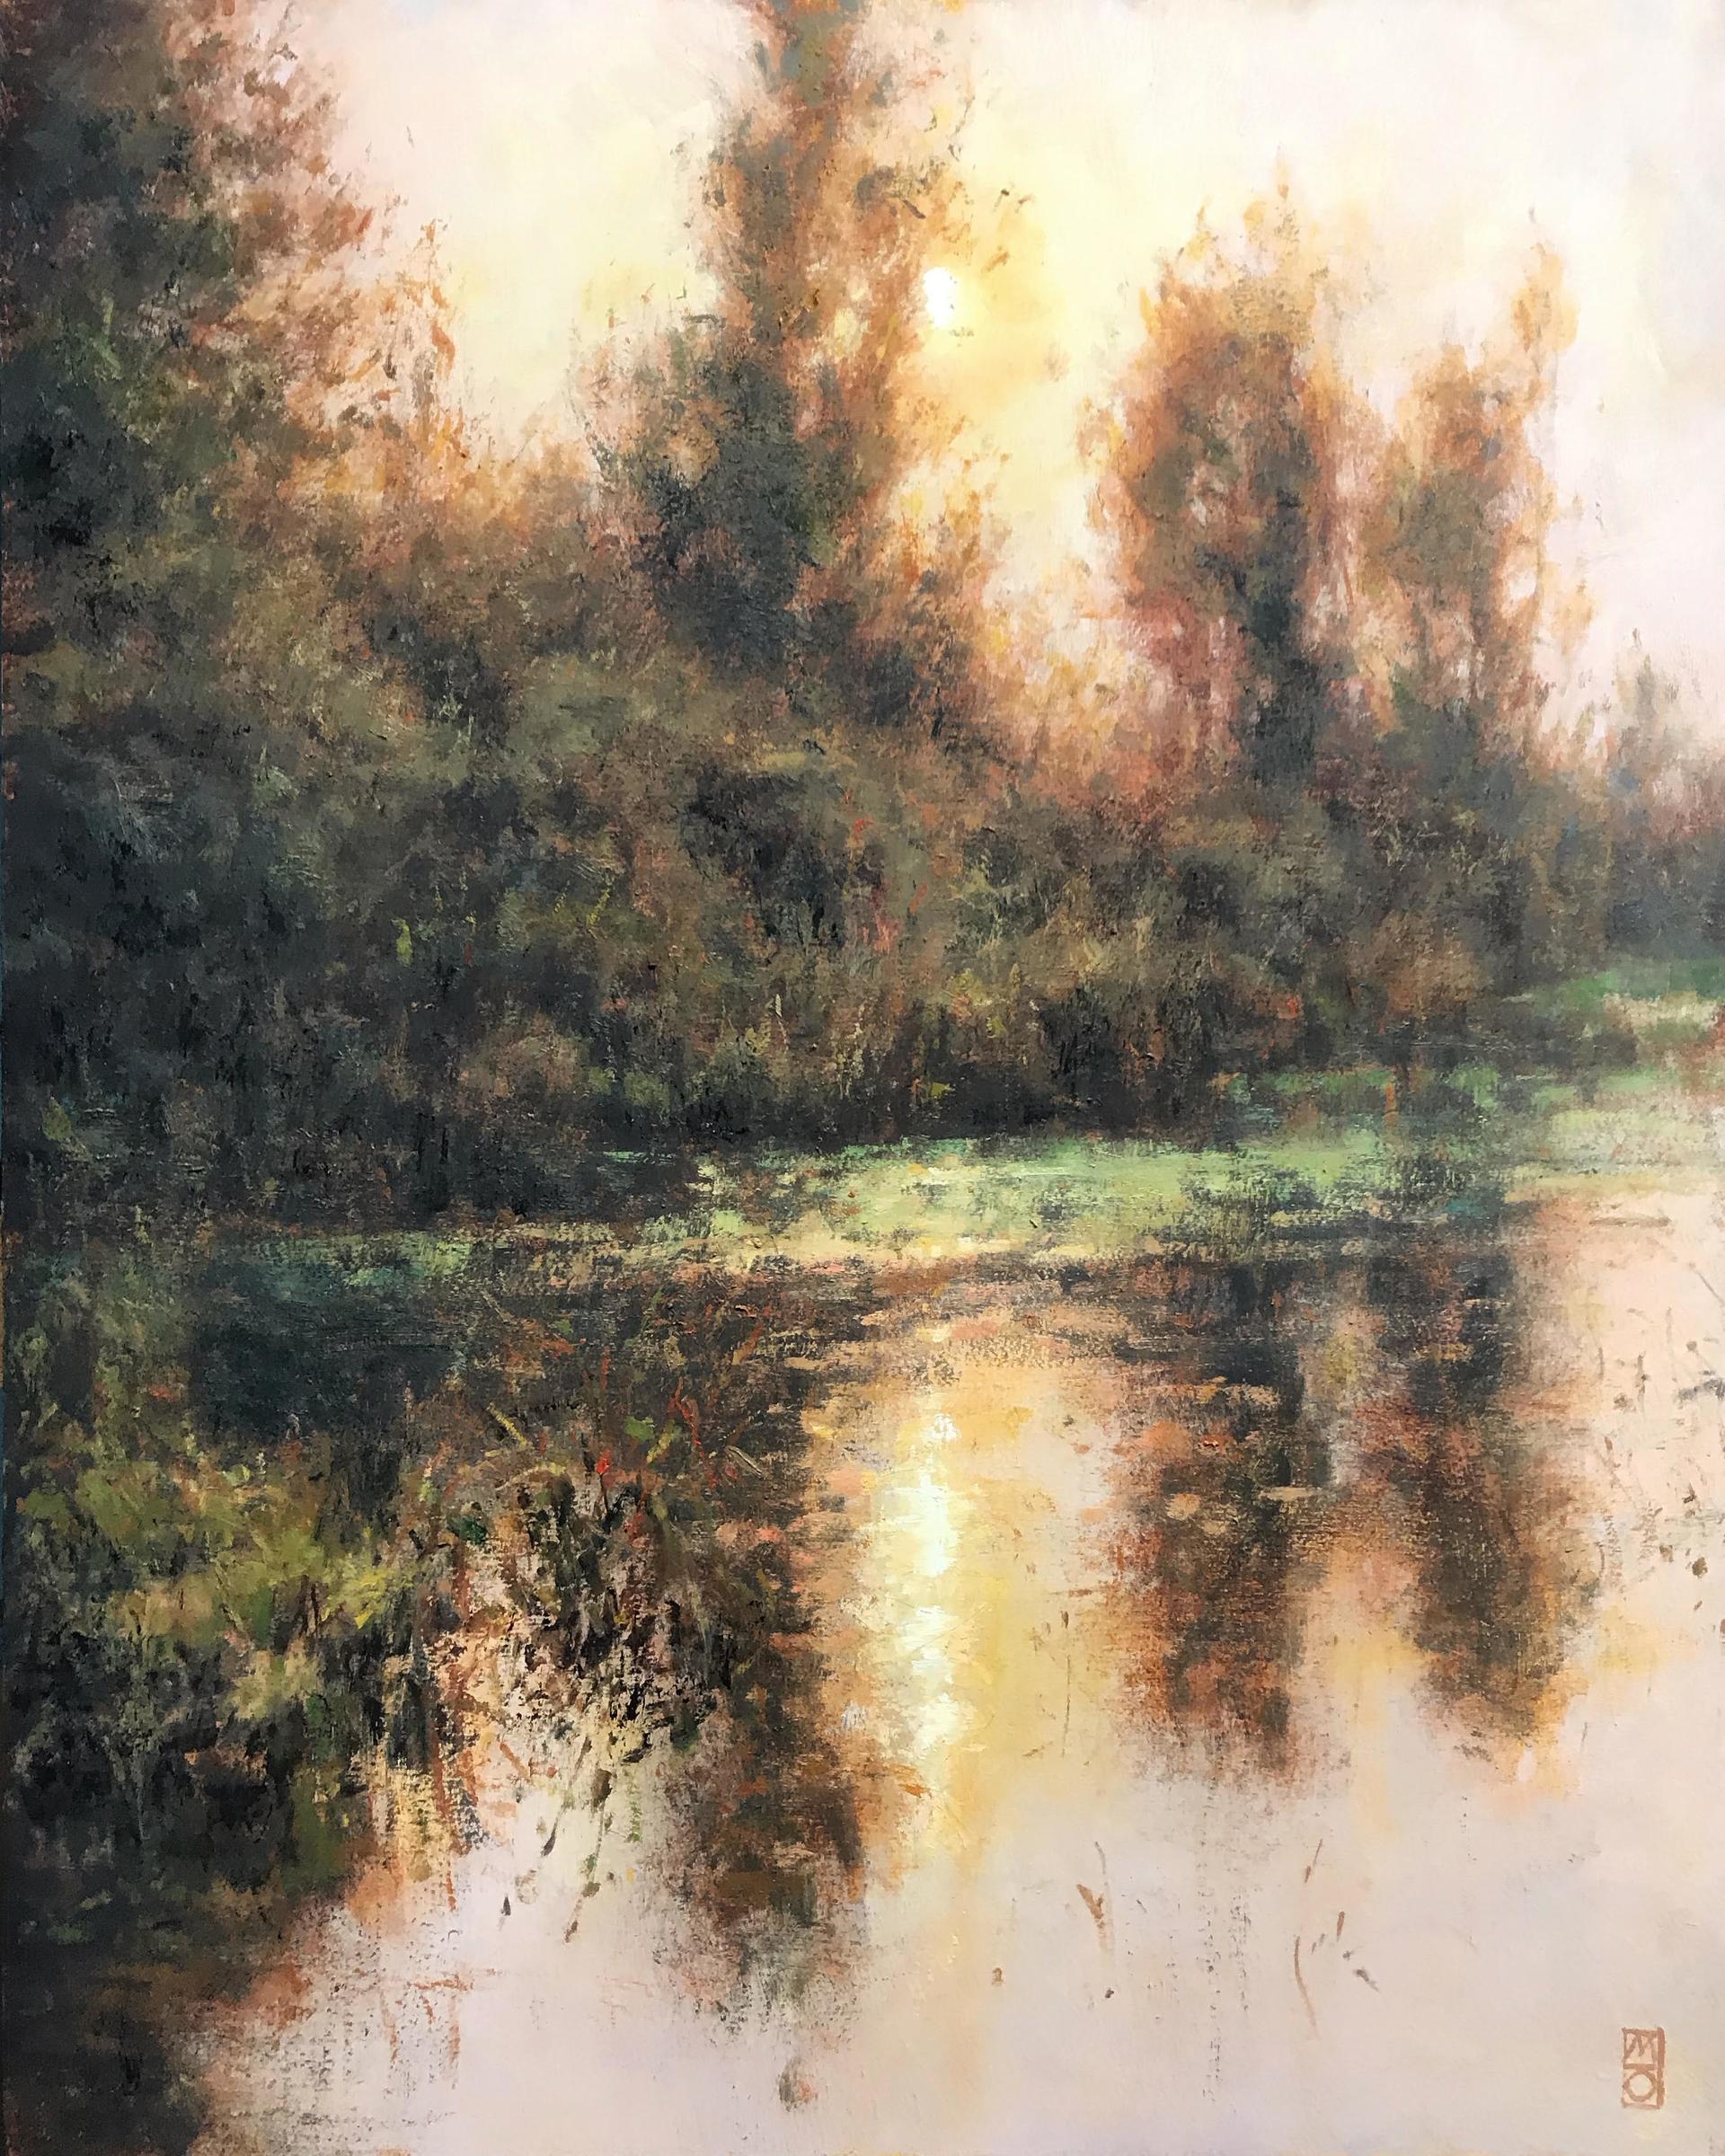 Thy Light by Michael Orwick